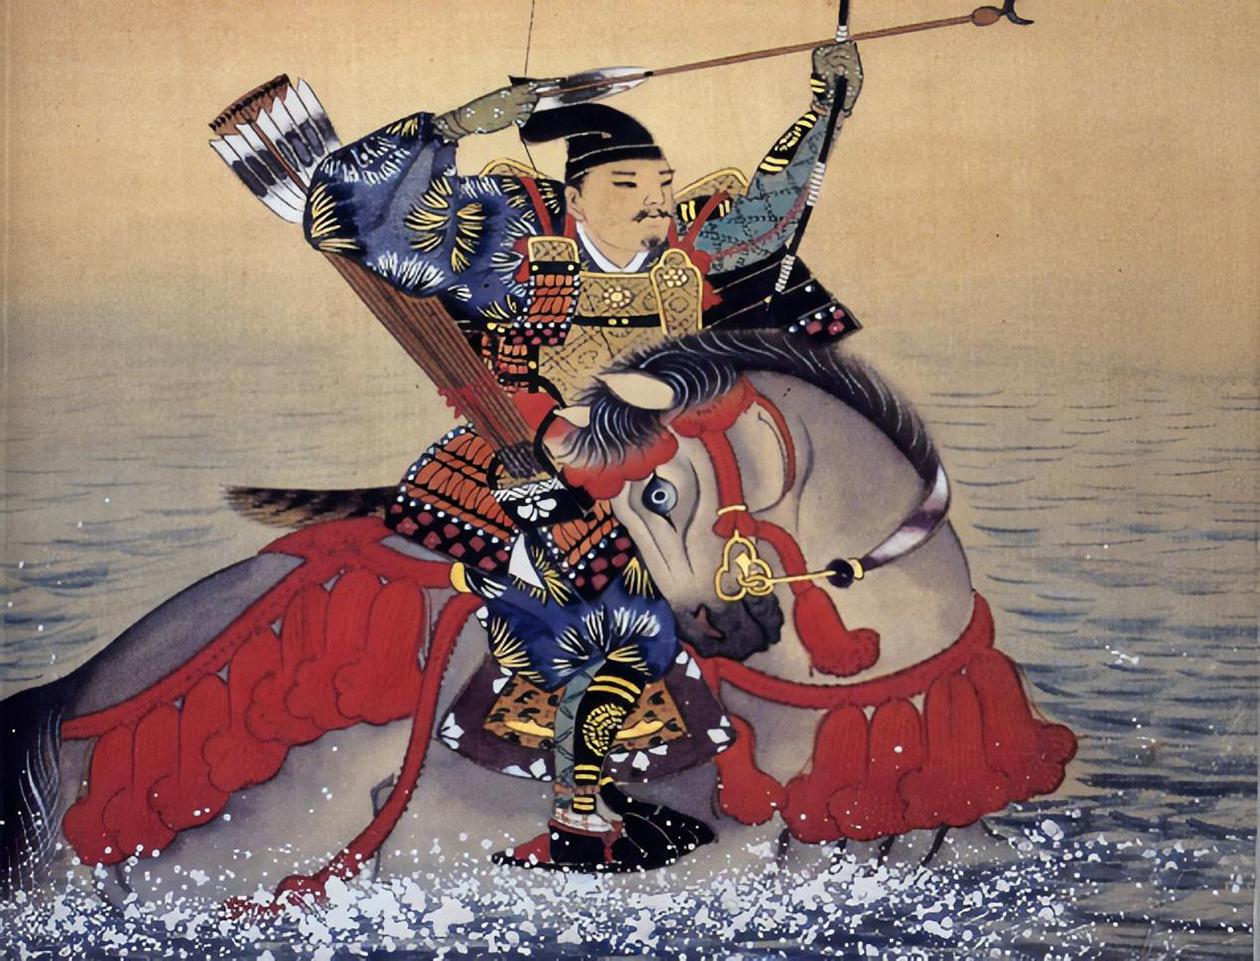 Yoichi Samurai